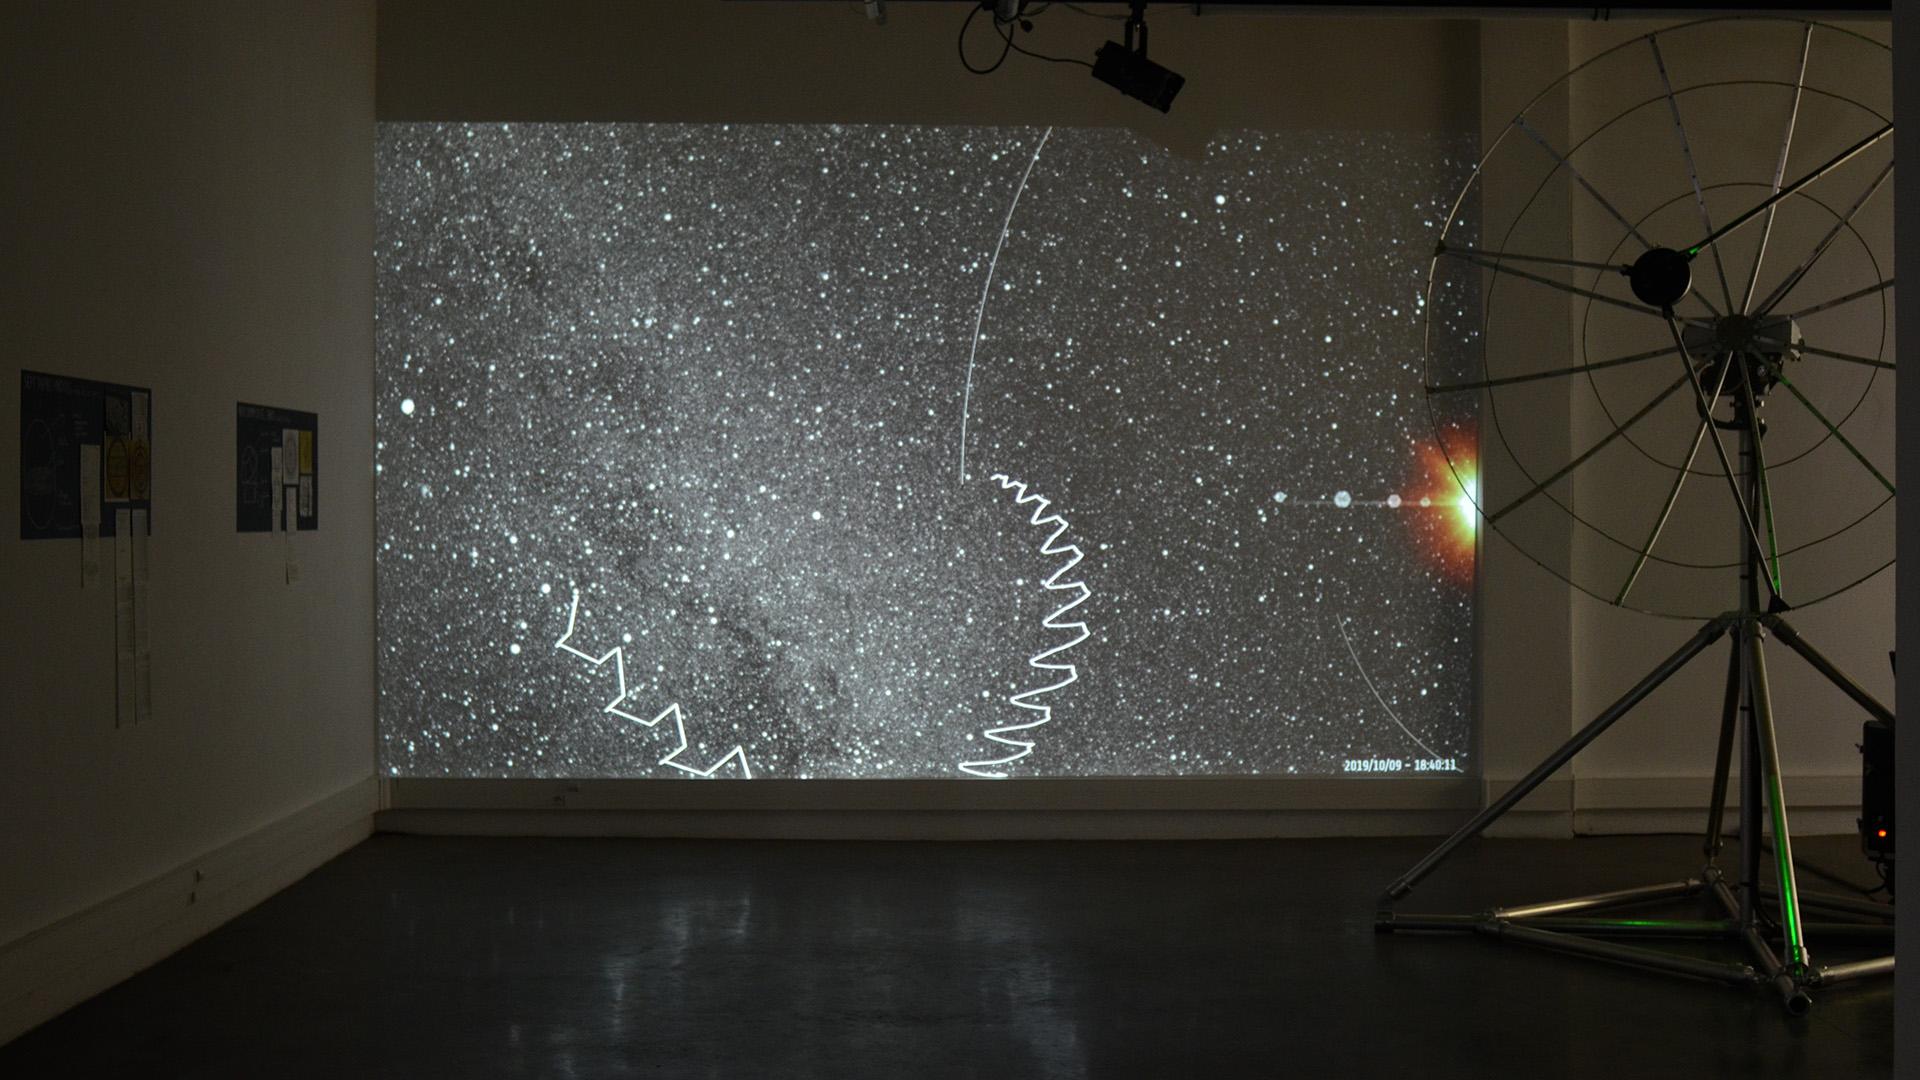 Axis Mvndi de Nicolas Montgermont est une Installation Artistique Sonore qui émet des Ondes Radio dans l'Espace pour Dessiner des Formes à l'échelle Cosmique.